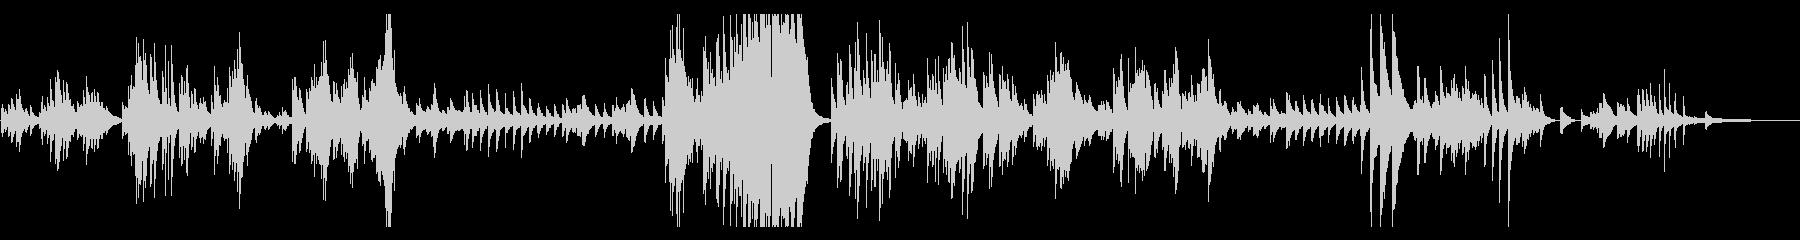 ベートーヴェン ピアノソナタ28番 の未再生の波形